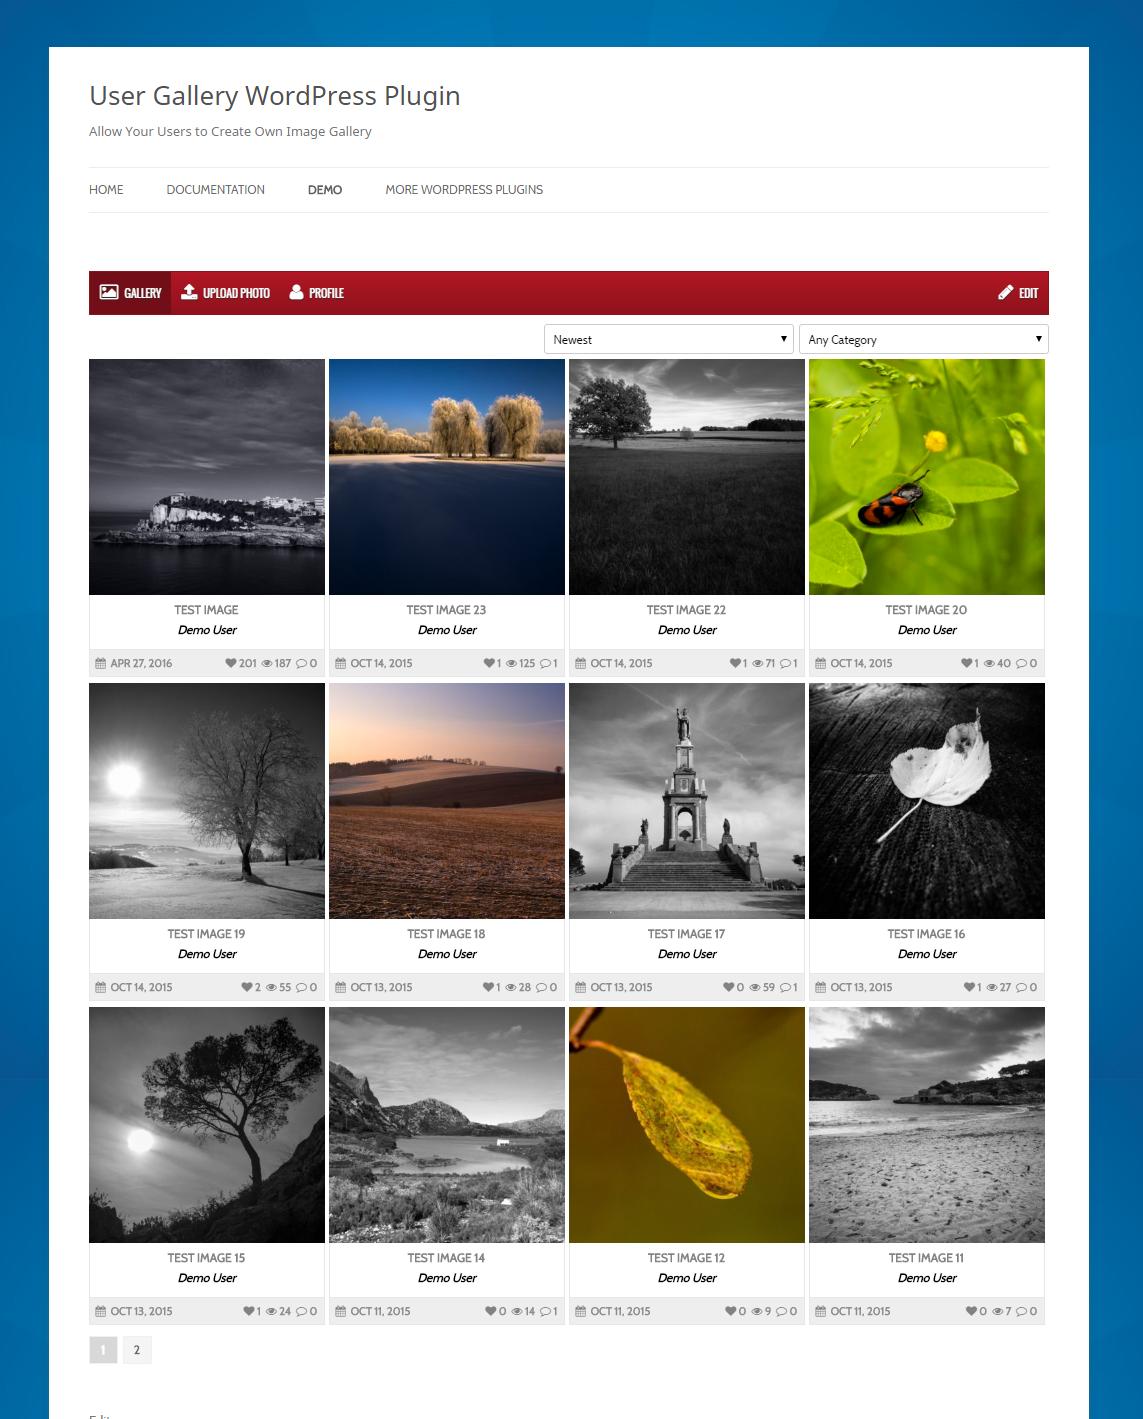 Wordpress: User Gallery WordPress Plugin By GalleryPlugins